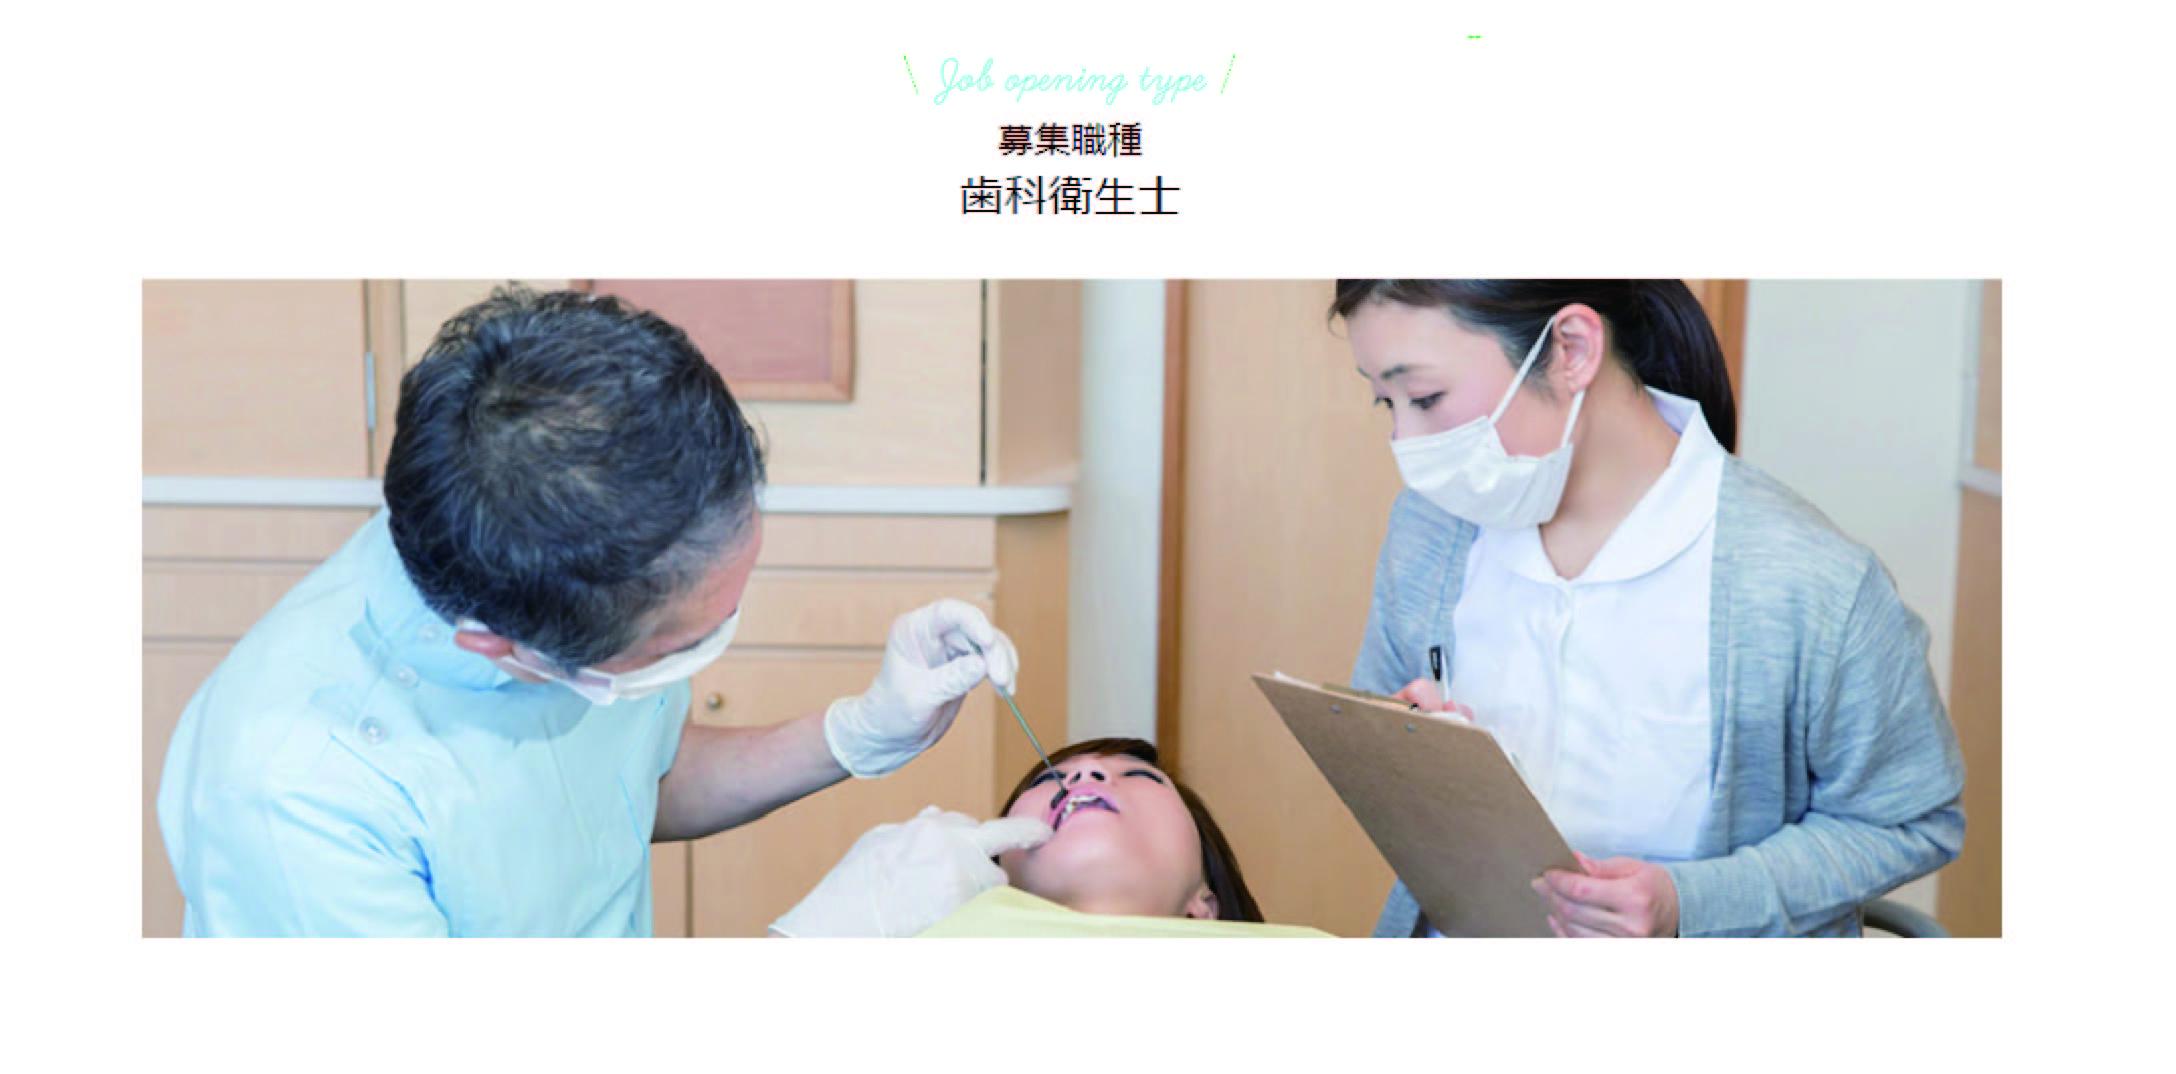 募集職種を追加しました【歯科衛生士】